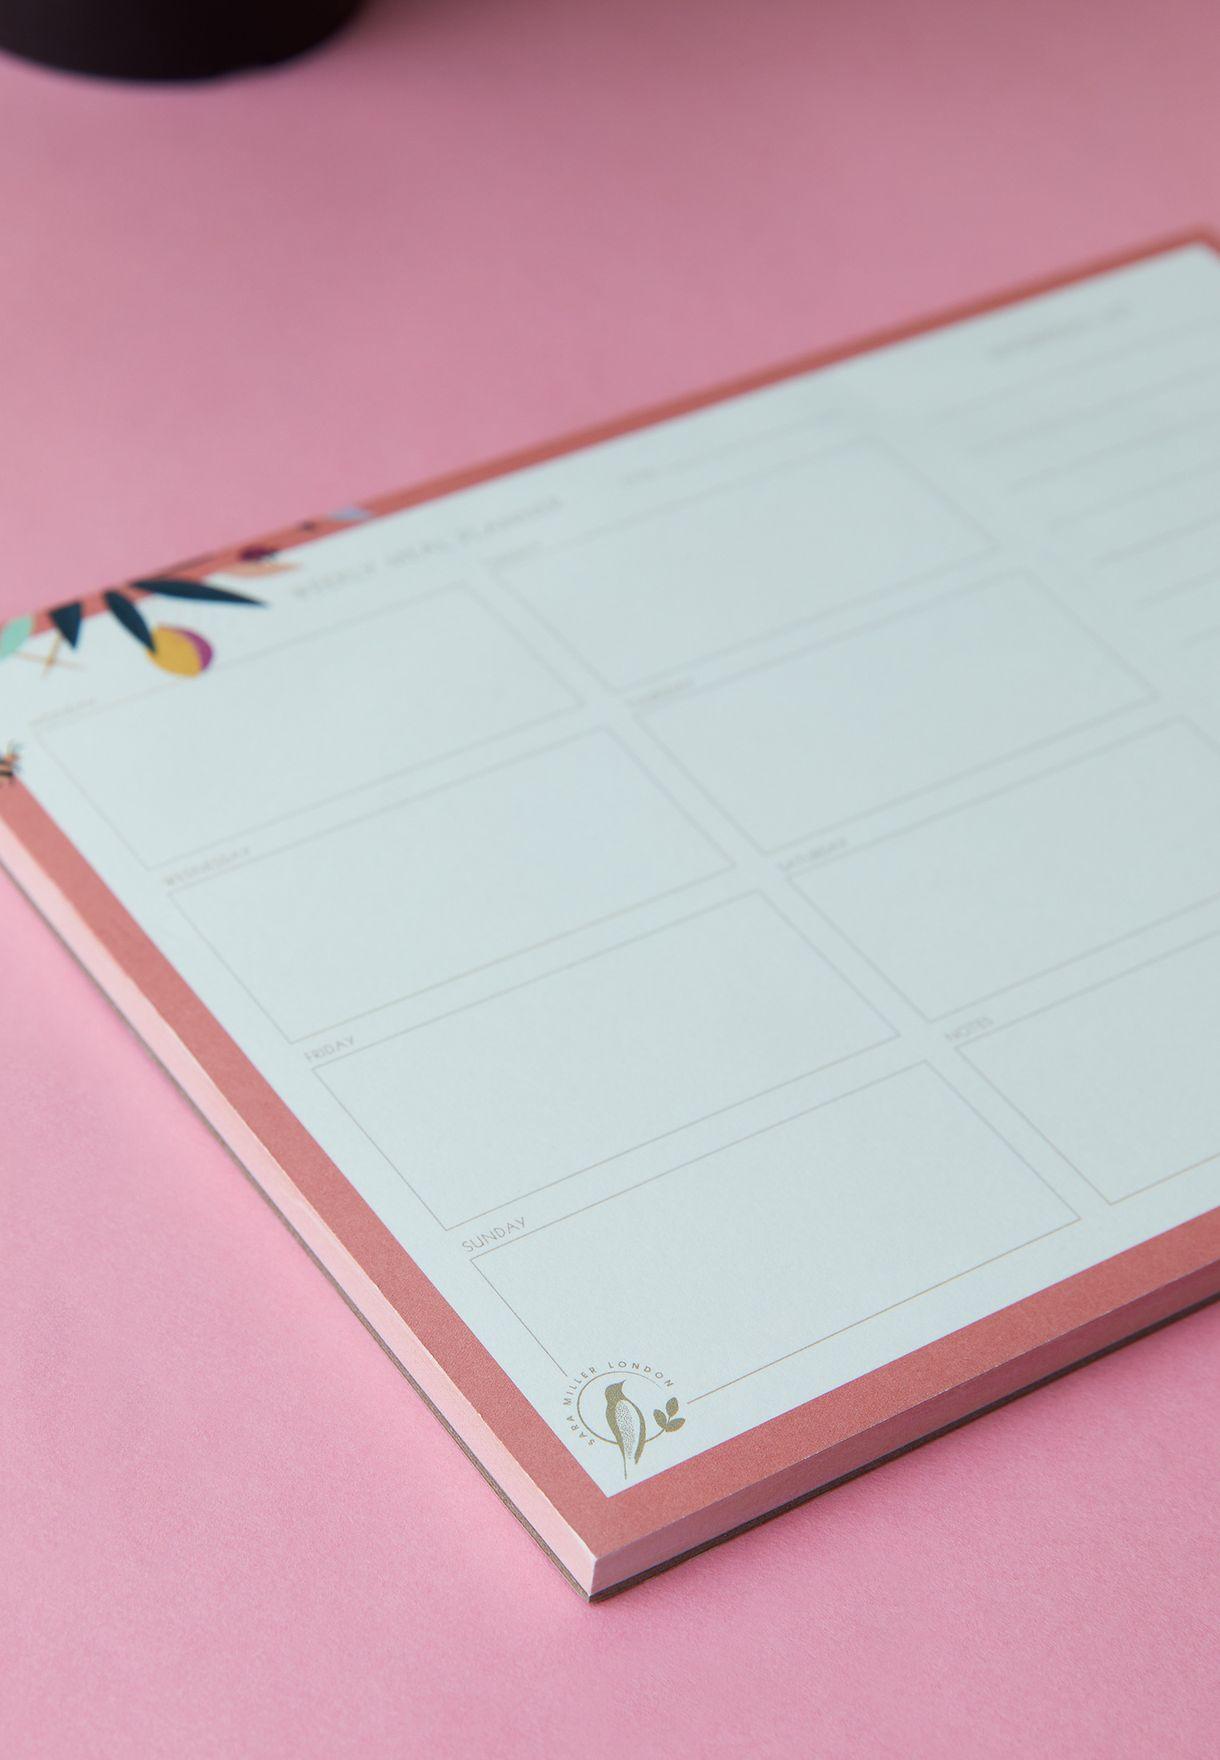 دفتر اسبوعي مغناطيسي لتخطيط الوجبات